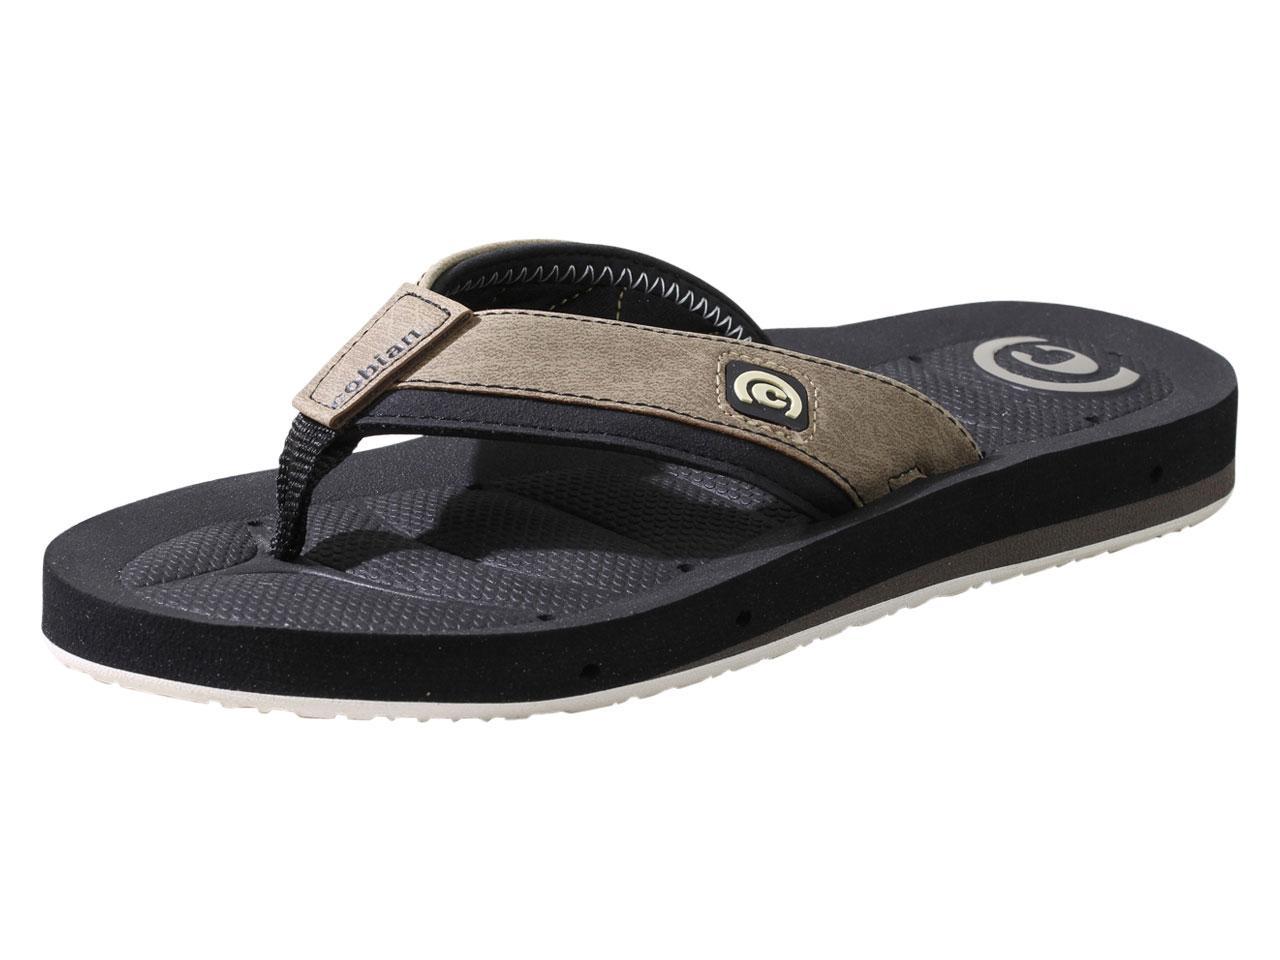 Image of Cobian Men's Draino II Flip Flops Sandals Shoes - Cement - 12 D(M) US